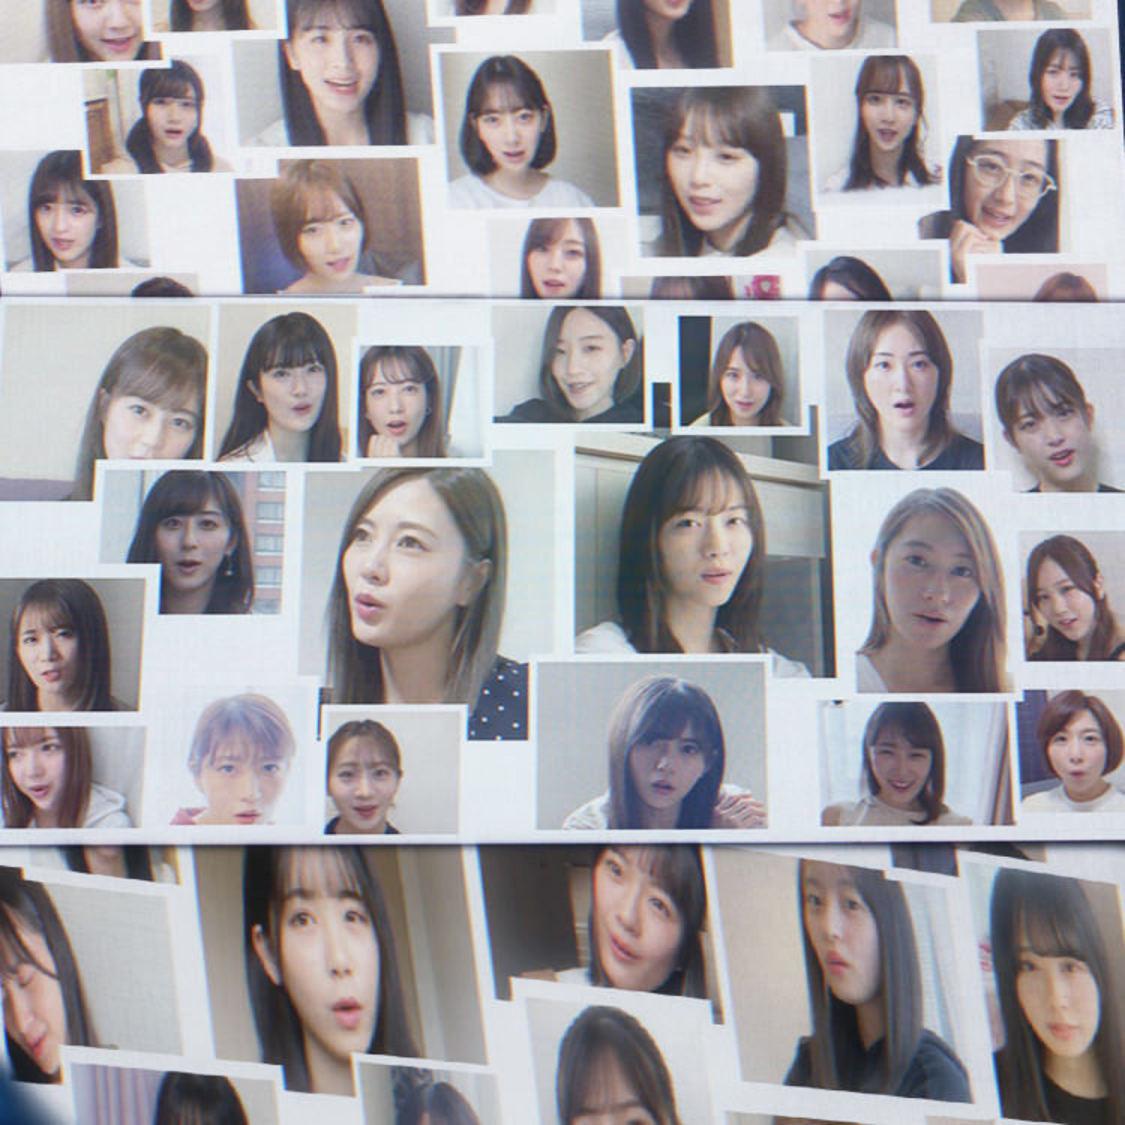 乃木坂46、MV集第2弾限定盤に「世界中の隣人よ」収録決定!